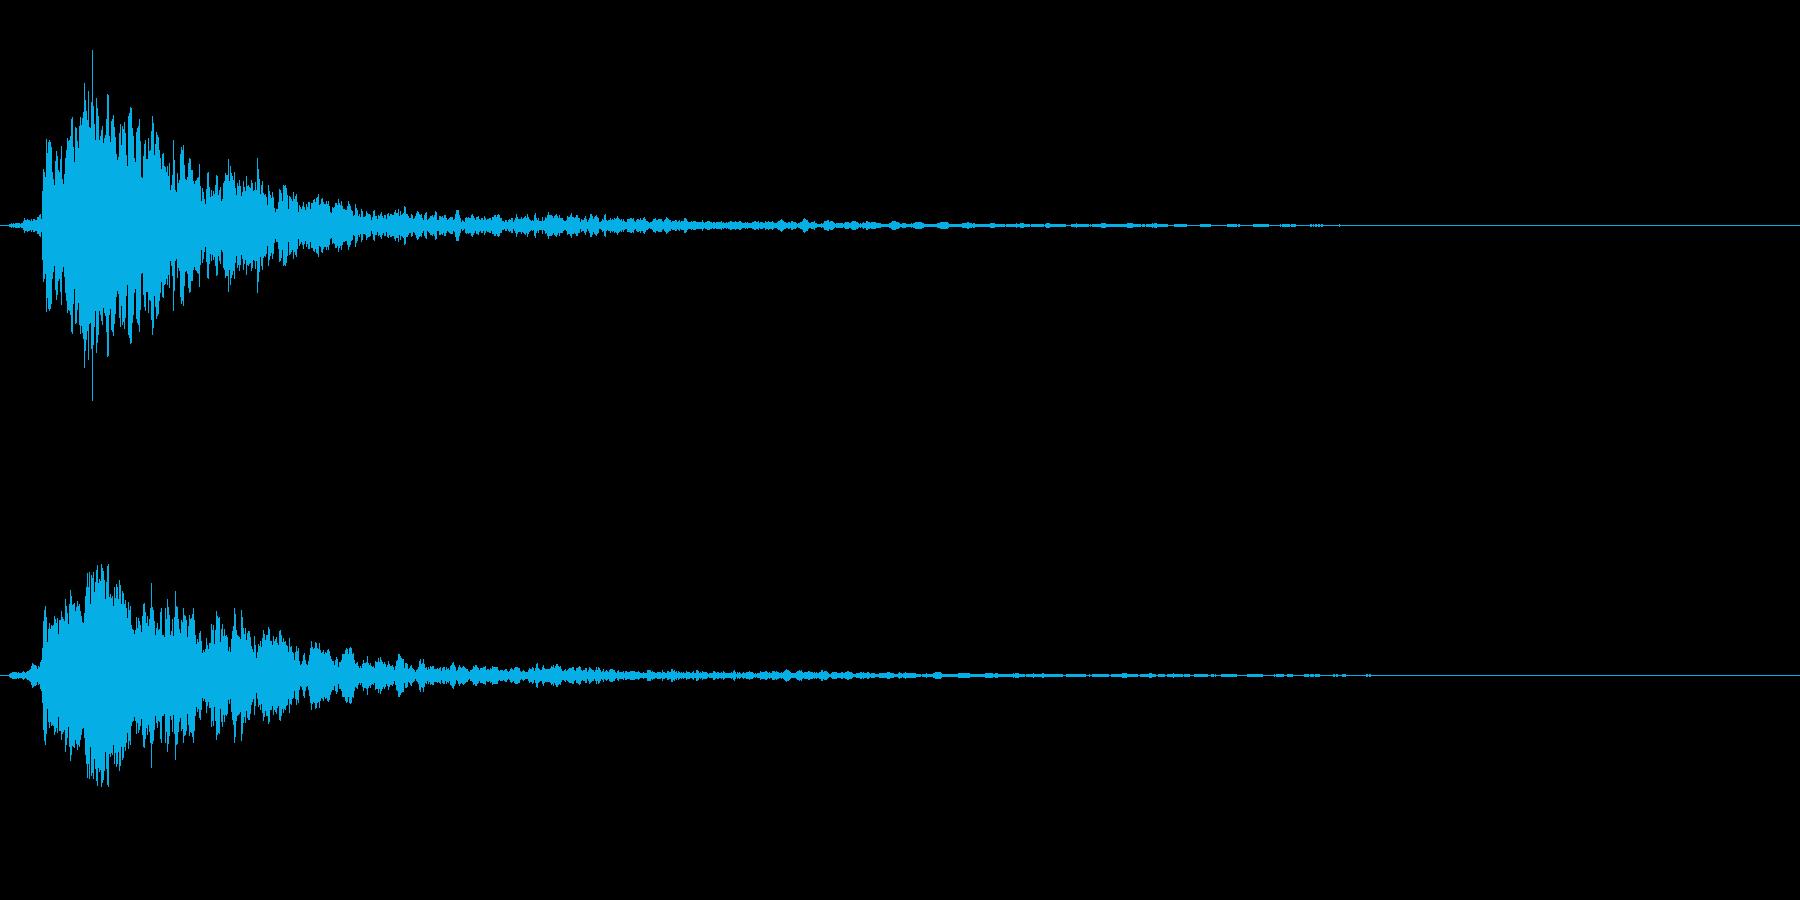 サスペンスに最適!ピアノの弦を弄ぶ音21の再生済みの波形